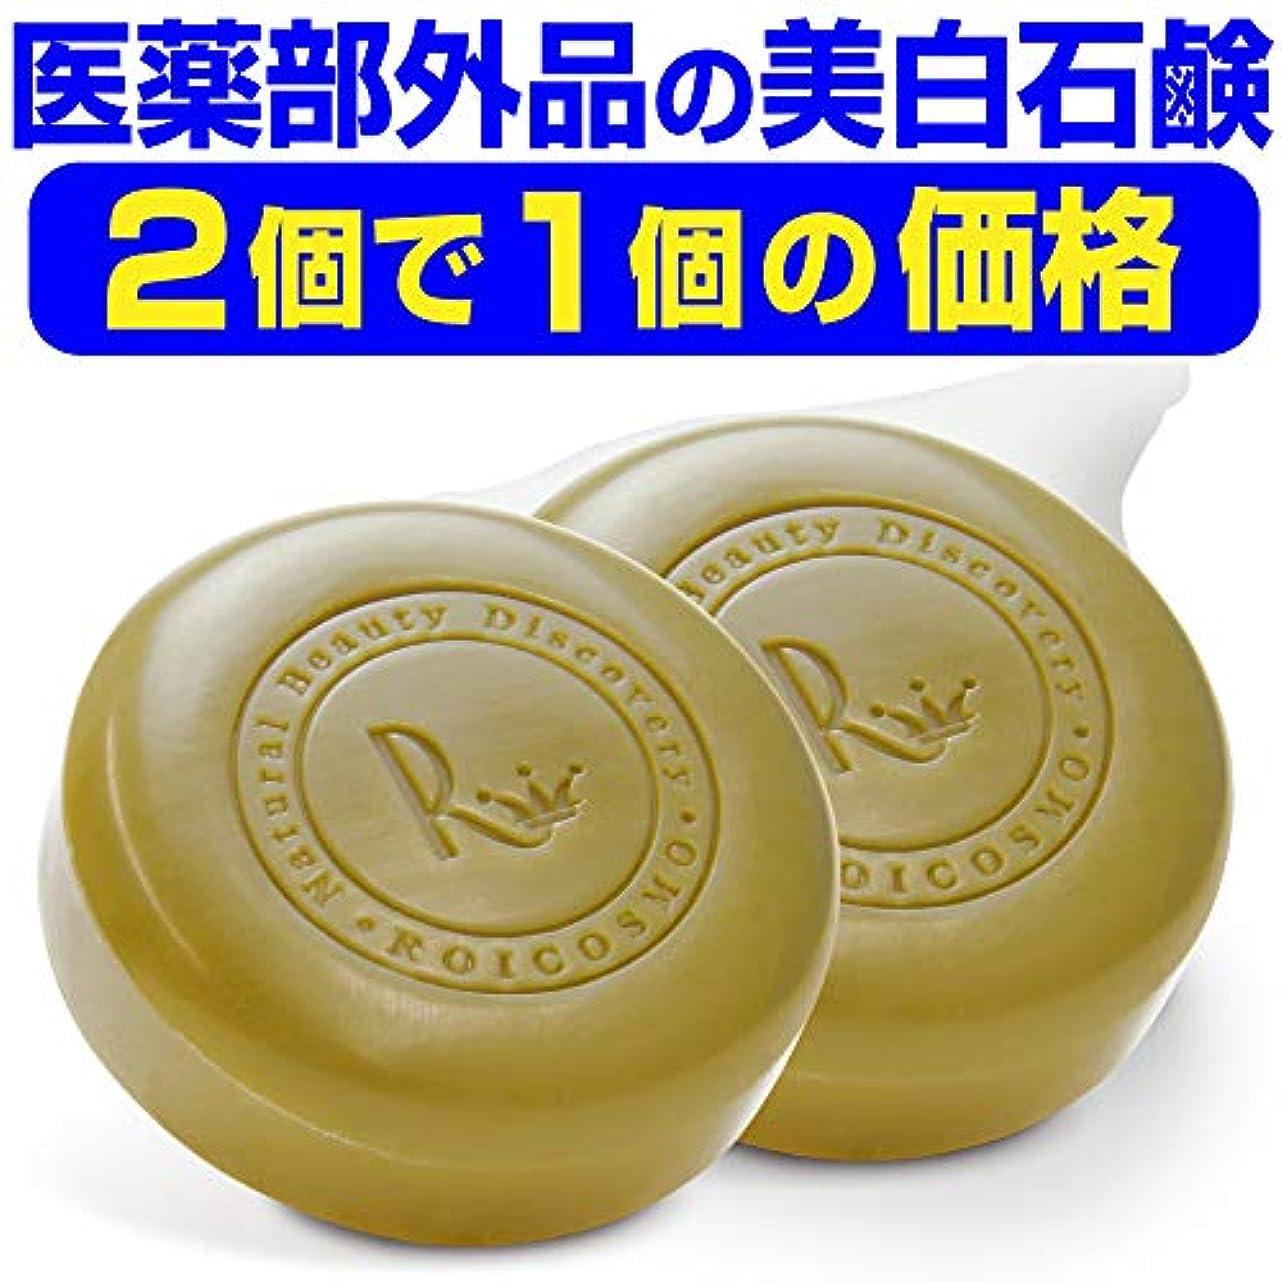 2個まとめ買い9%OFF 美白石鹸/ビタミンC270倍の美白成分配合の 洗顔石鹸 固形『ホワイトソープ100g×2個』